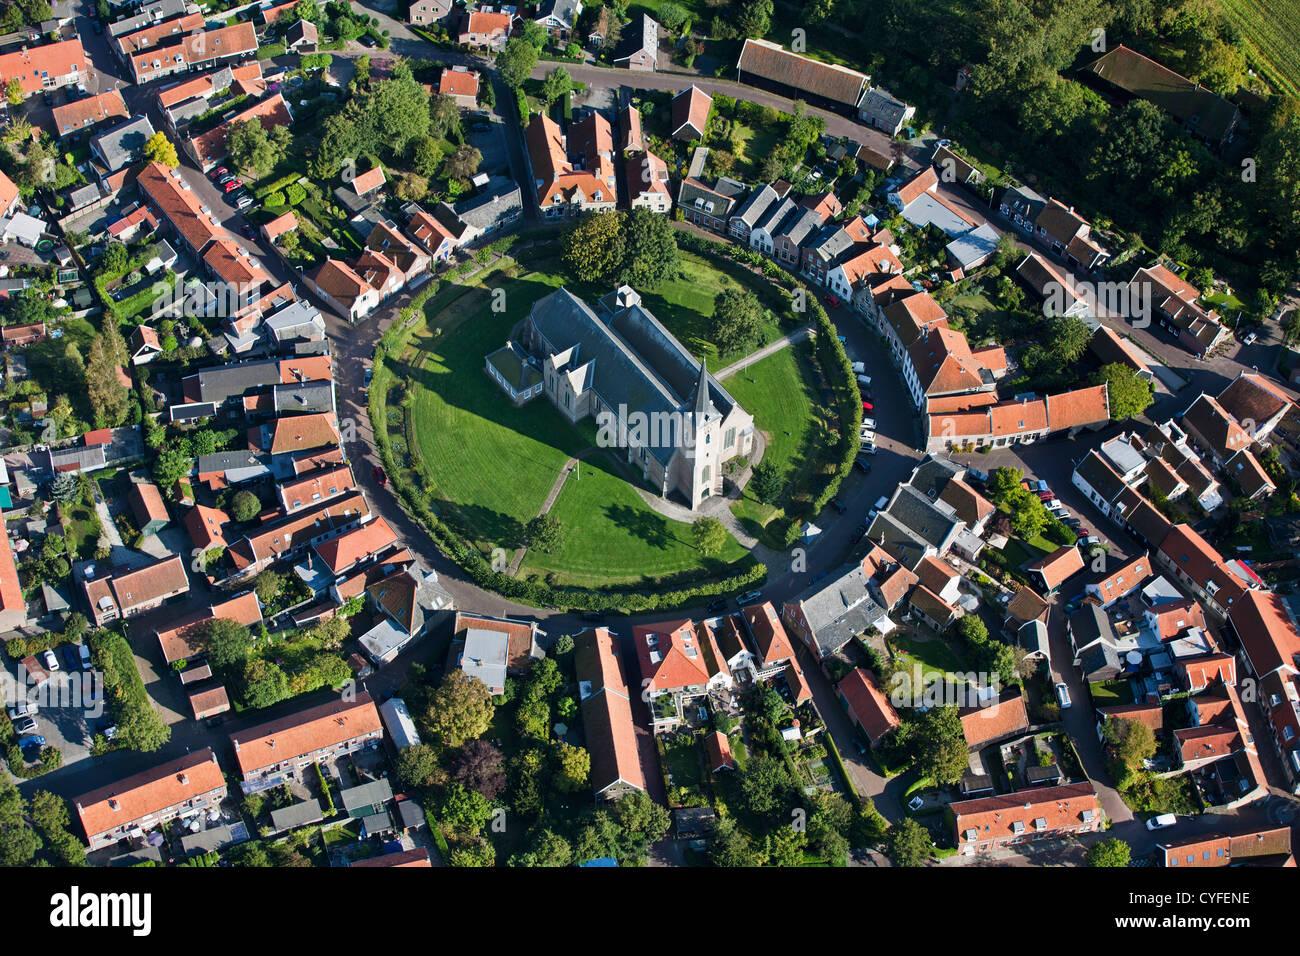 Den Niederlanden, Dreischor, Blick auf den kreisförmigen Dorfzentrum und Kirche. Luft. Stockbild